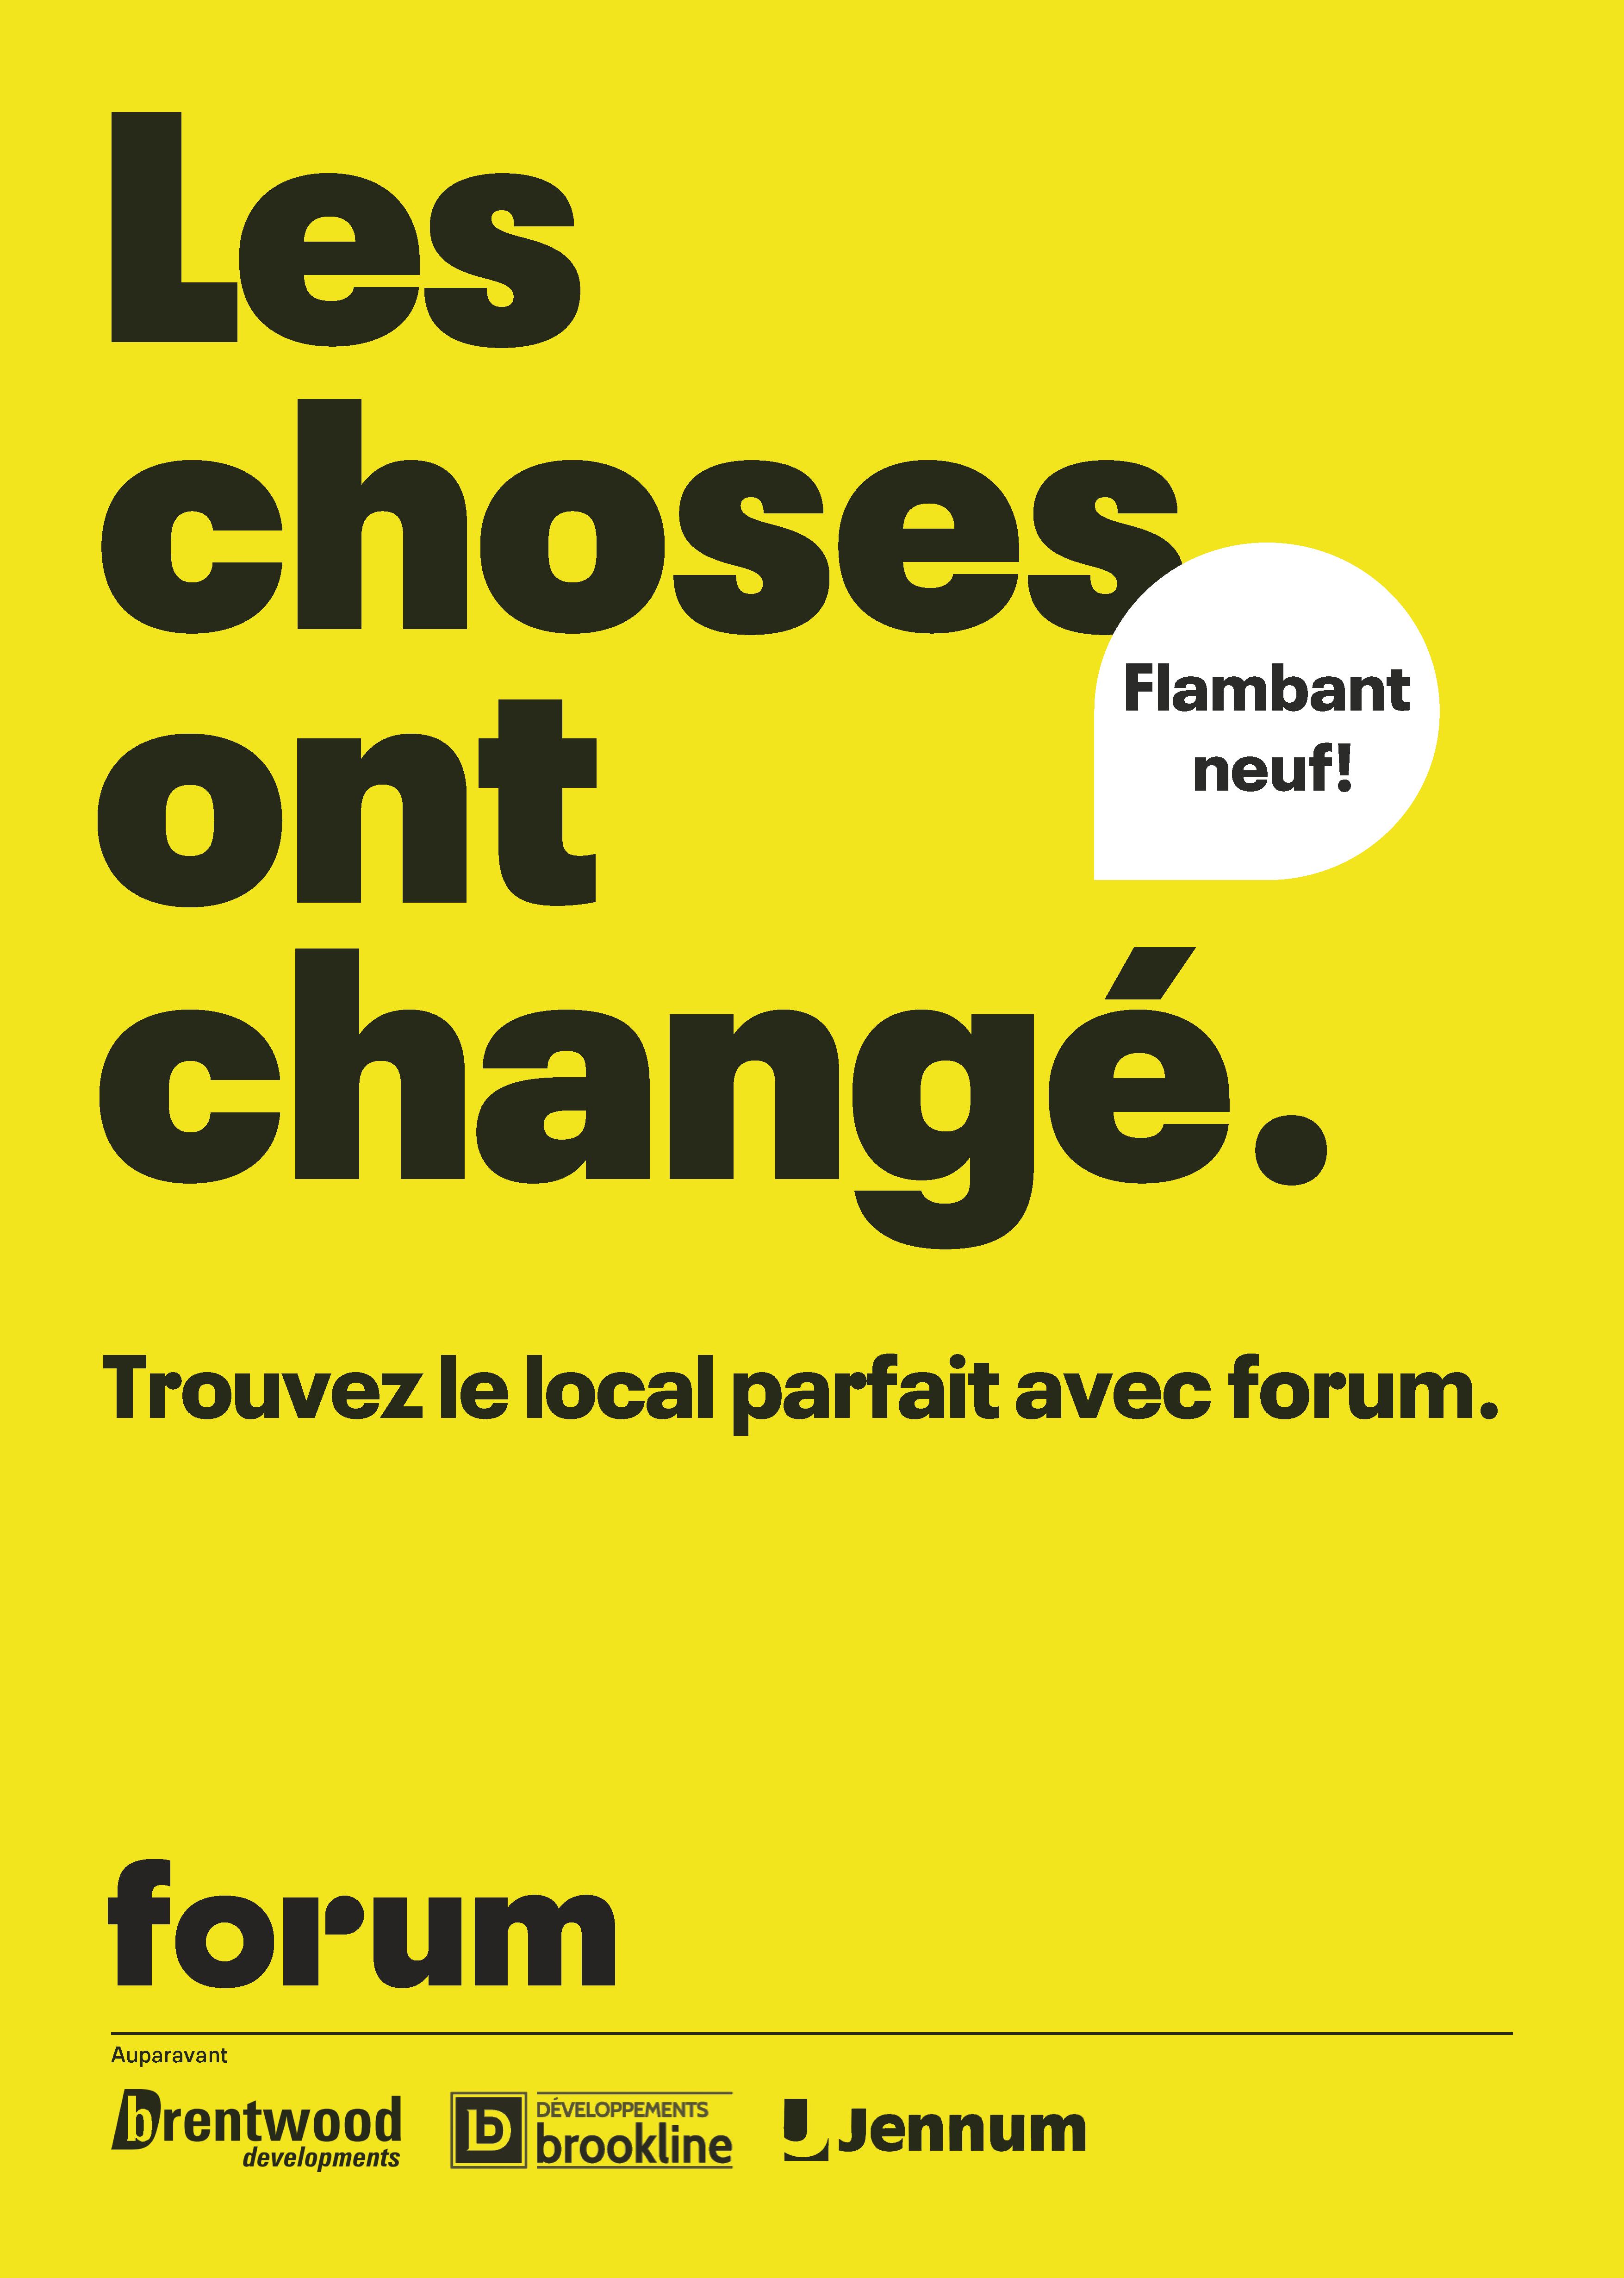 Lancement de Forum